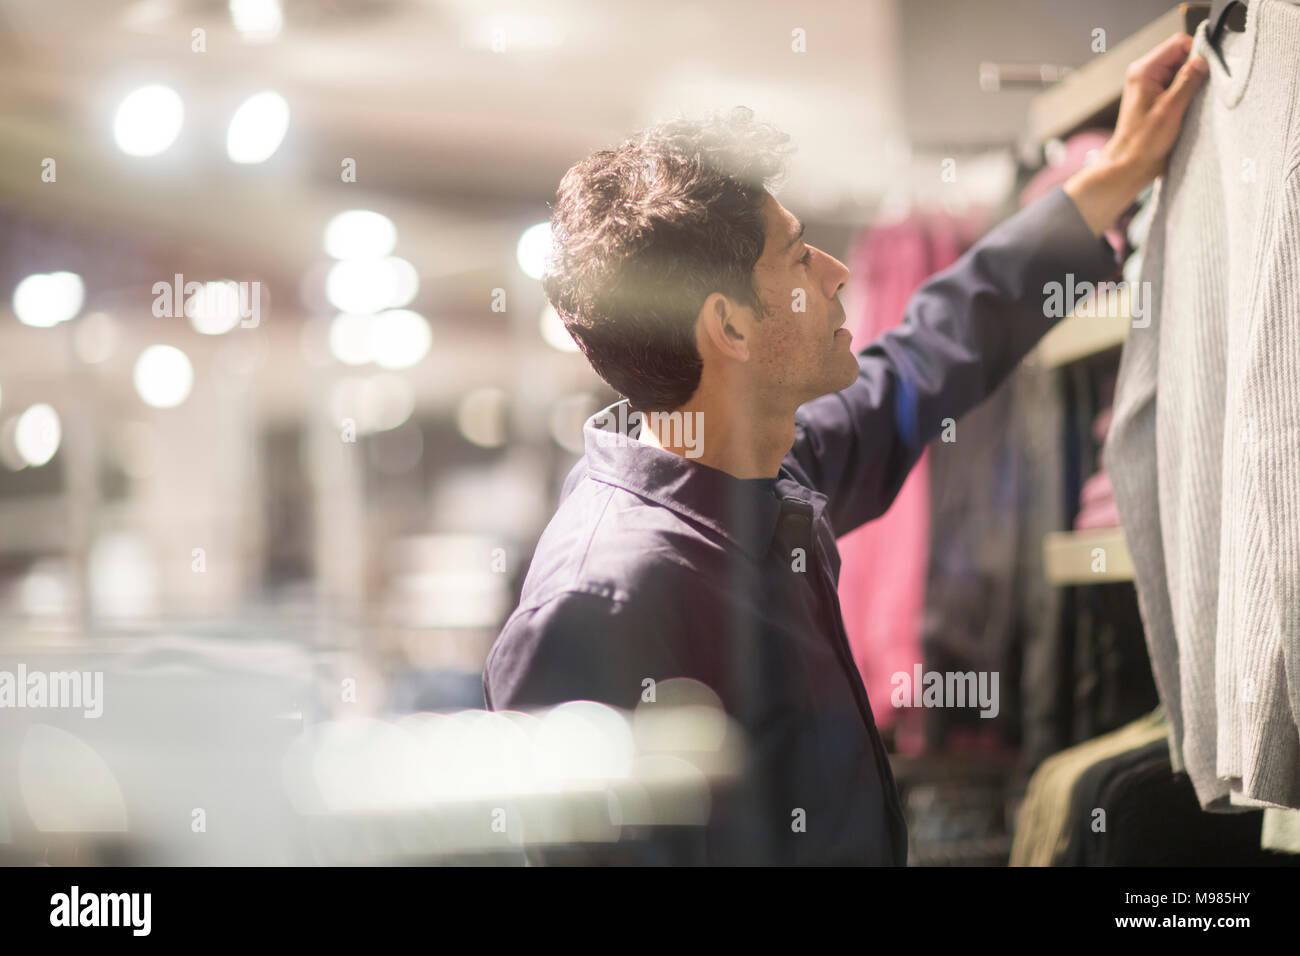 Boutique en choisissant des vêtements homme Photo Stock